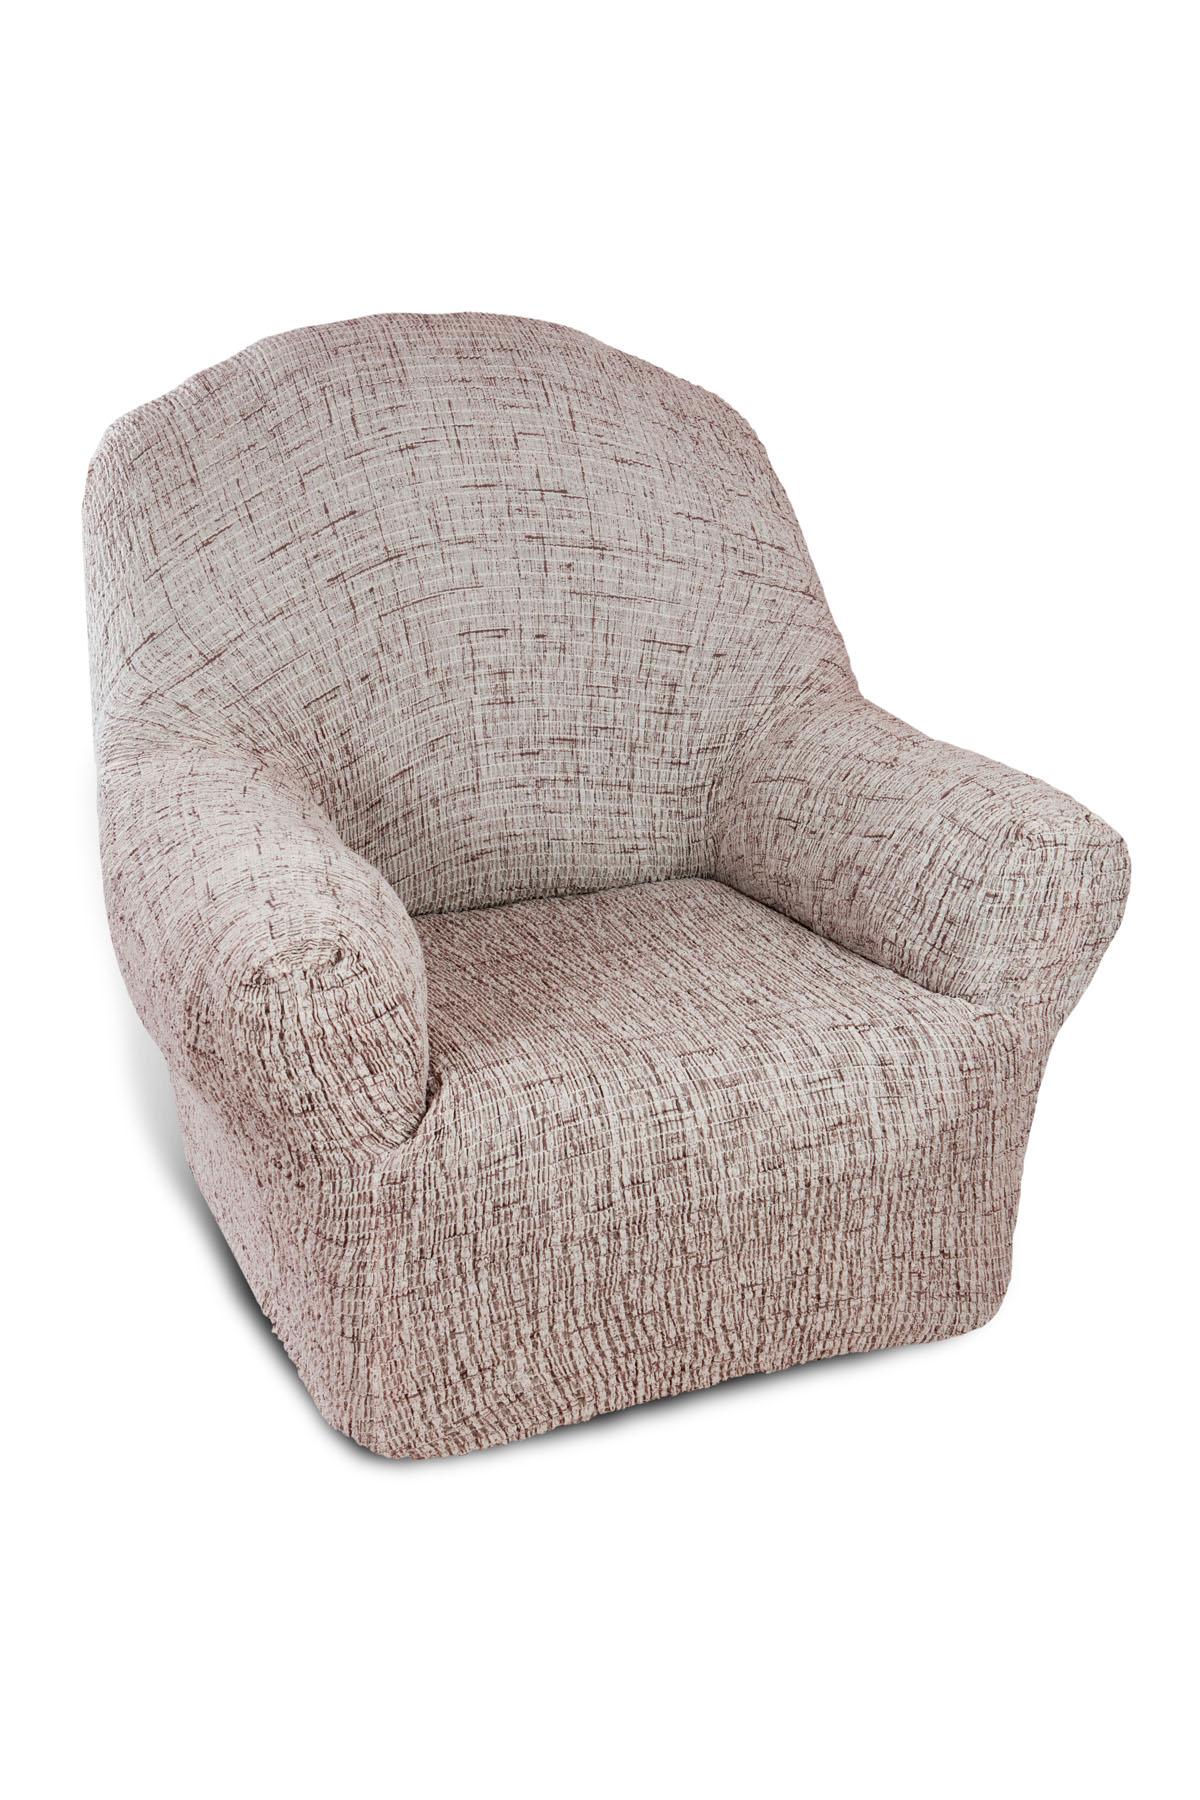 Чехол на кресло Еврочехол Плиссе, цвет: светло-бежевый, коричневый, 60-90 см7/49-1Чехол на кресло Еврочехол Плиссе выполнен из 50% хлопка и 50% полиэстера. Такой состав ткани гипоаллергенен, а потому безопасен для малышей или людей пожилого возраста. Такой чехол защитит вашу мебель от повседневных воздействий. Дизайн чехла отлично впишется в интерьер, выполненный из натуральных материалов. Приятный оттенок придаст ощущение свежести и единения с природой. Чехол Плиссе - отличный вариант для мебели в гостиной, кухне, спальне, детской или прихожей! Интерьер в стиле эко, кантри, фьюжн, хай-тек, скандинавских мотивов и других. Утонченный итальянский дизайн чехла отлично впишется в городские и загородные дома. Гарантированное итальянское качество производства обеспечит долгое пользование. Растяжимость чехла по спинке (без учета подлокотников): 60-90 см.